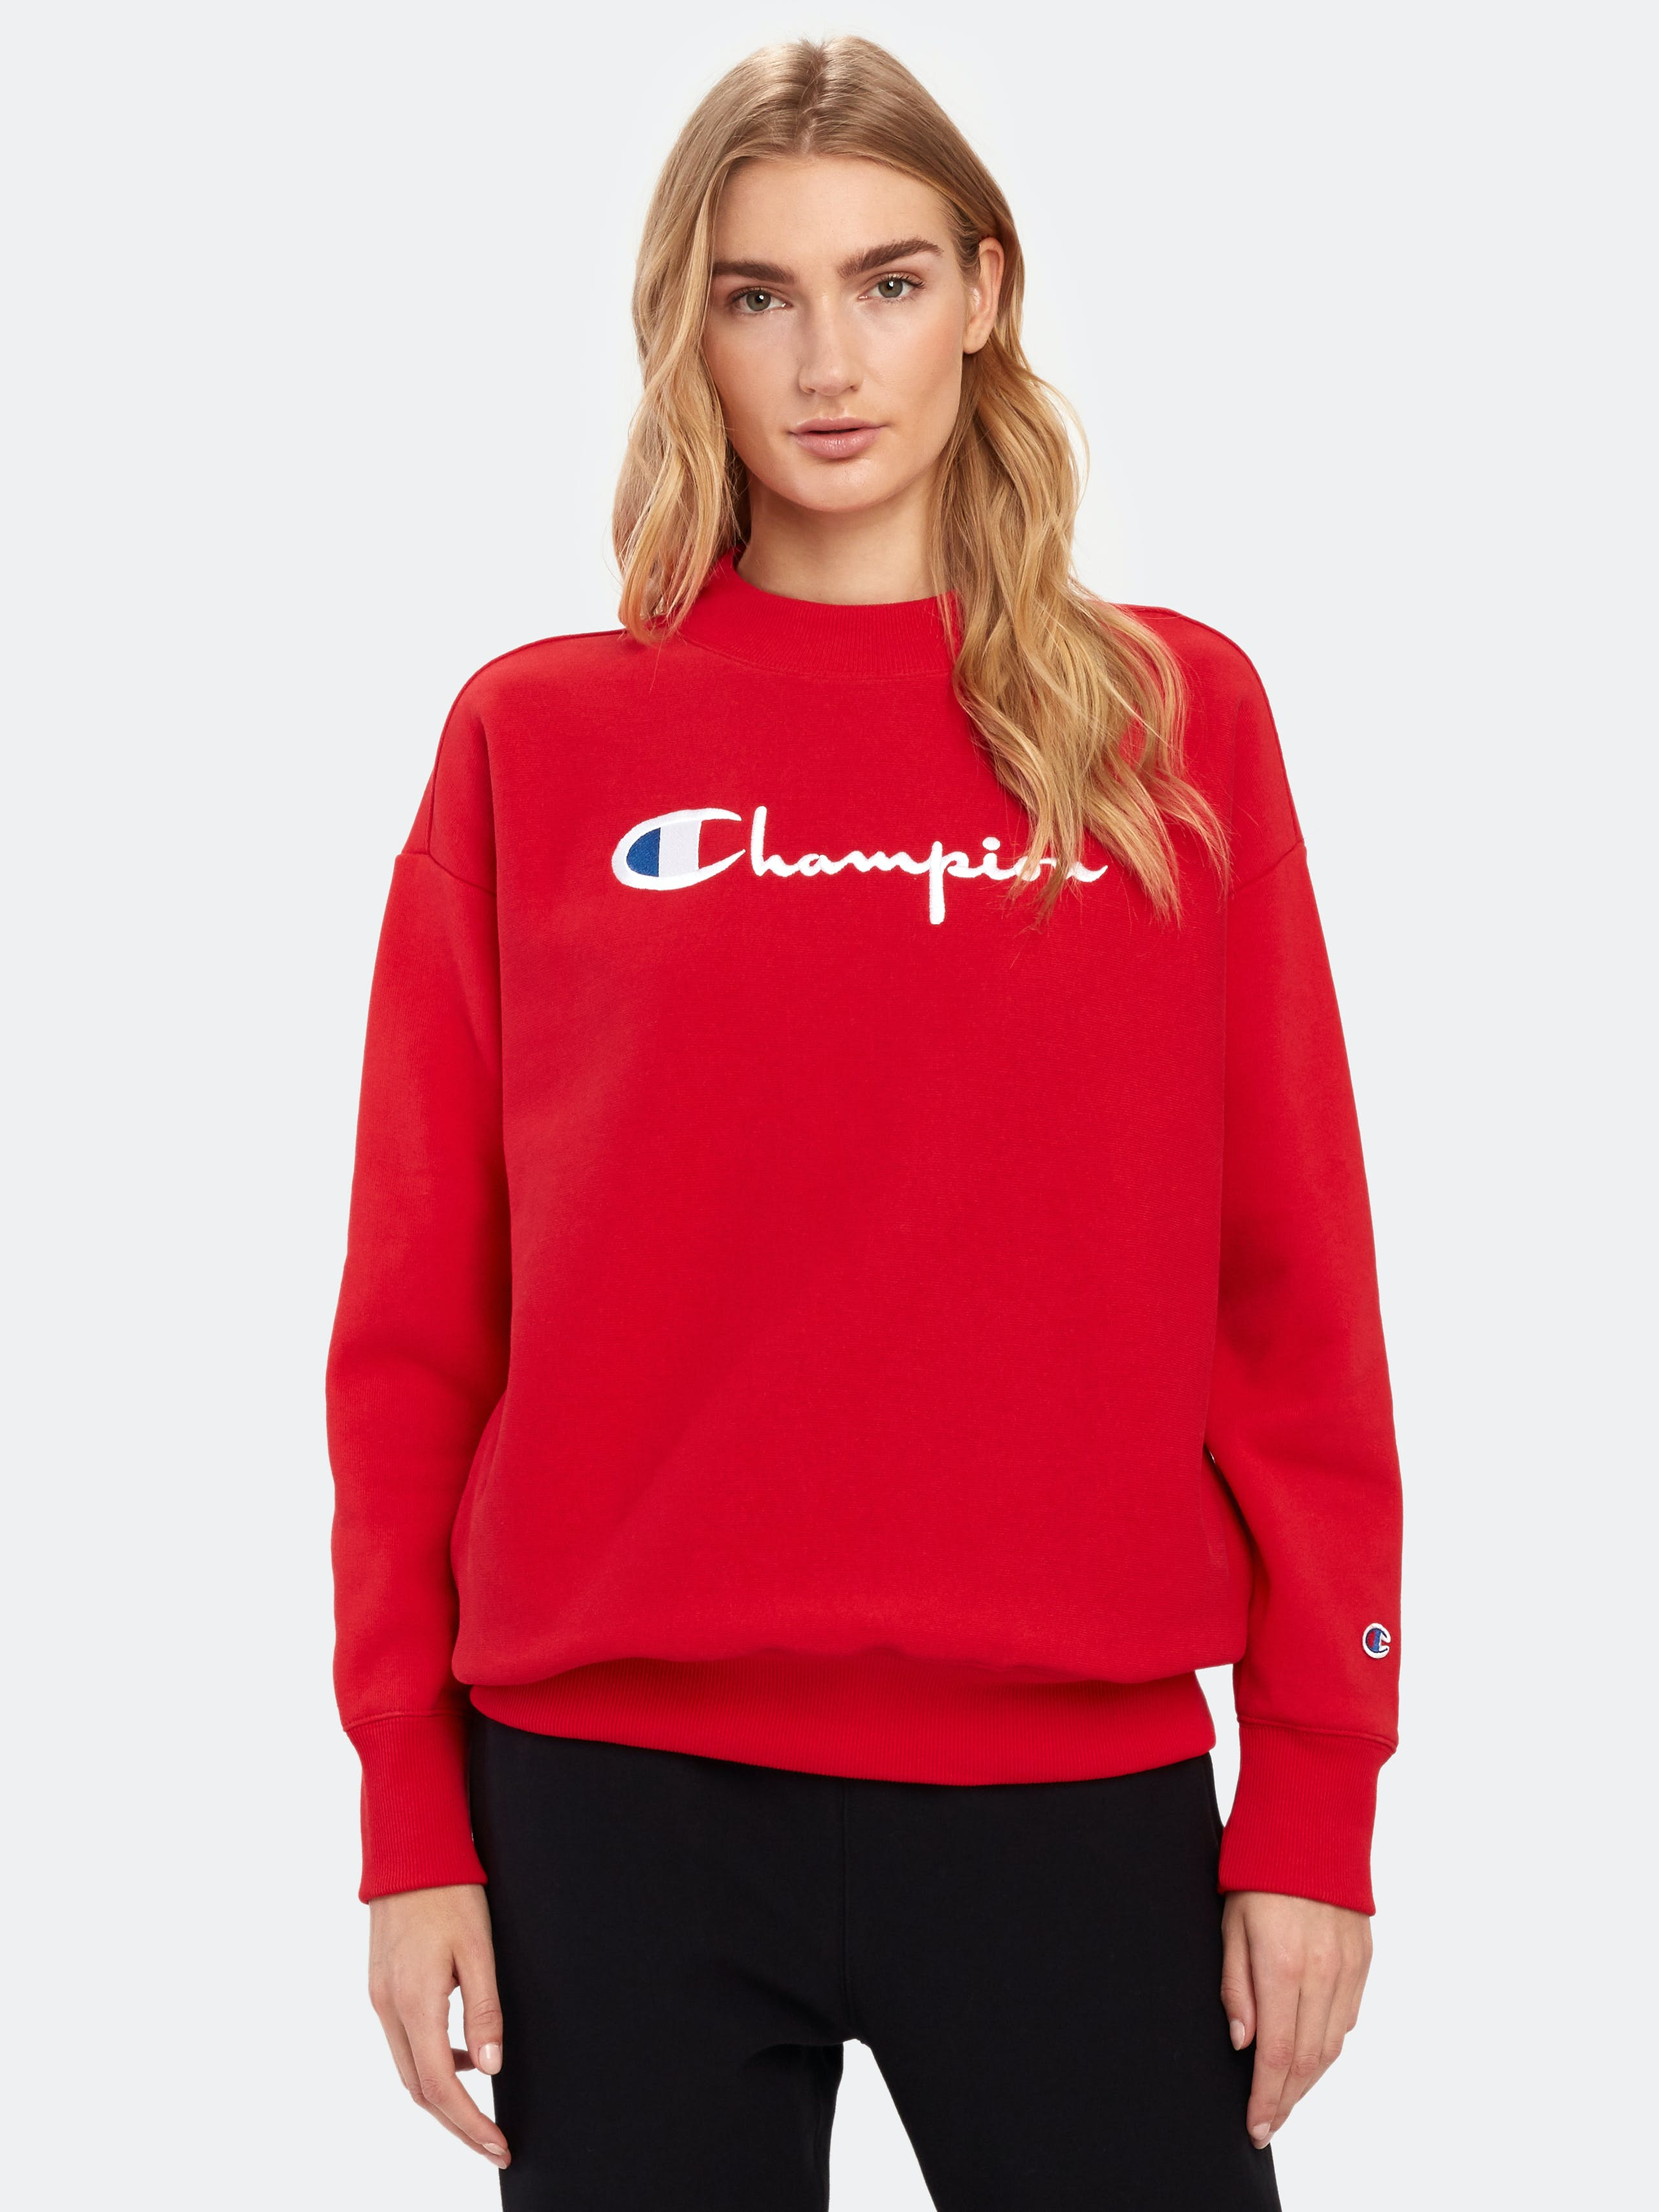 Best Sweatshirts for Women